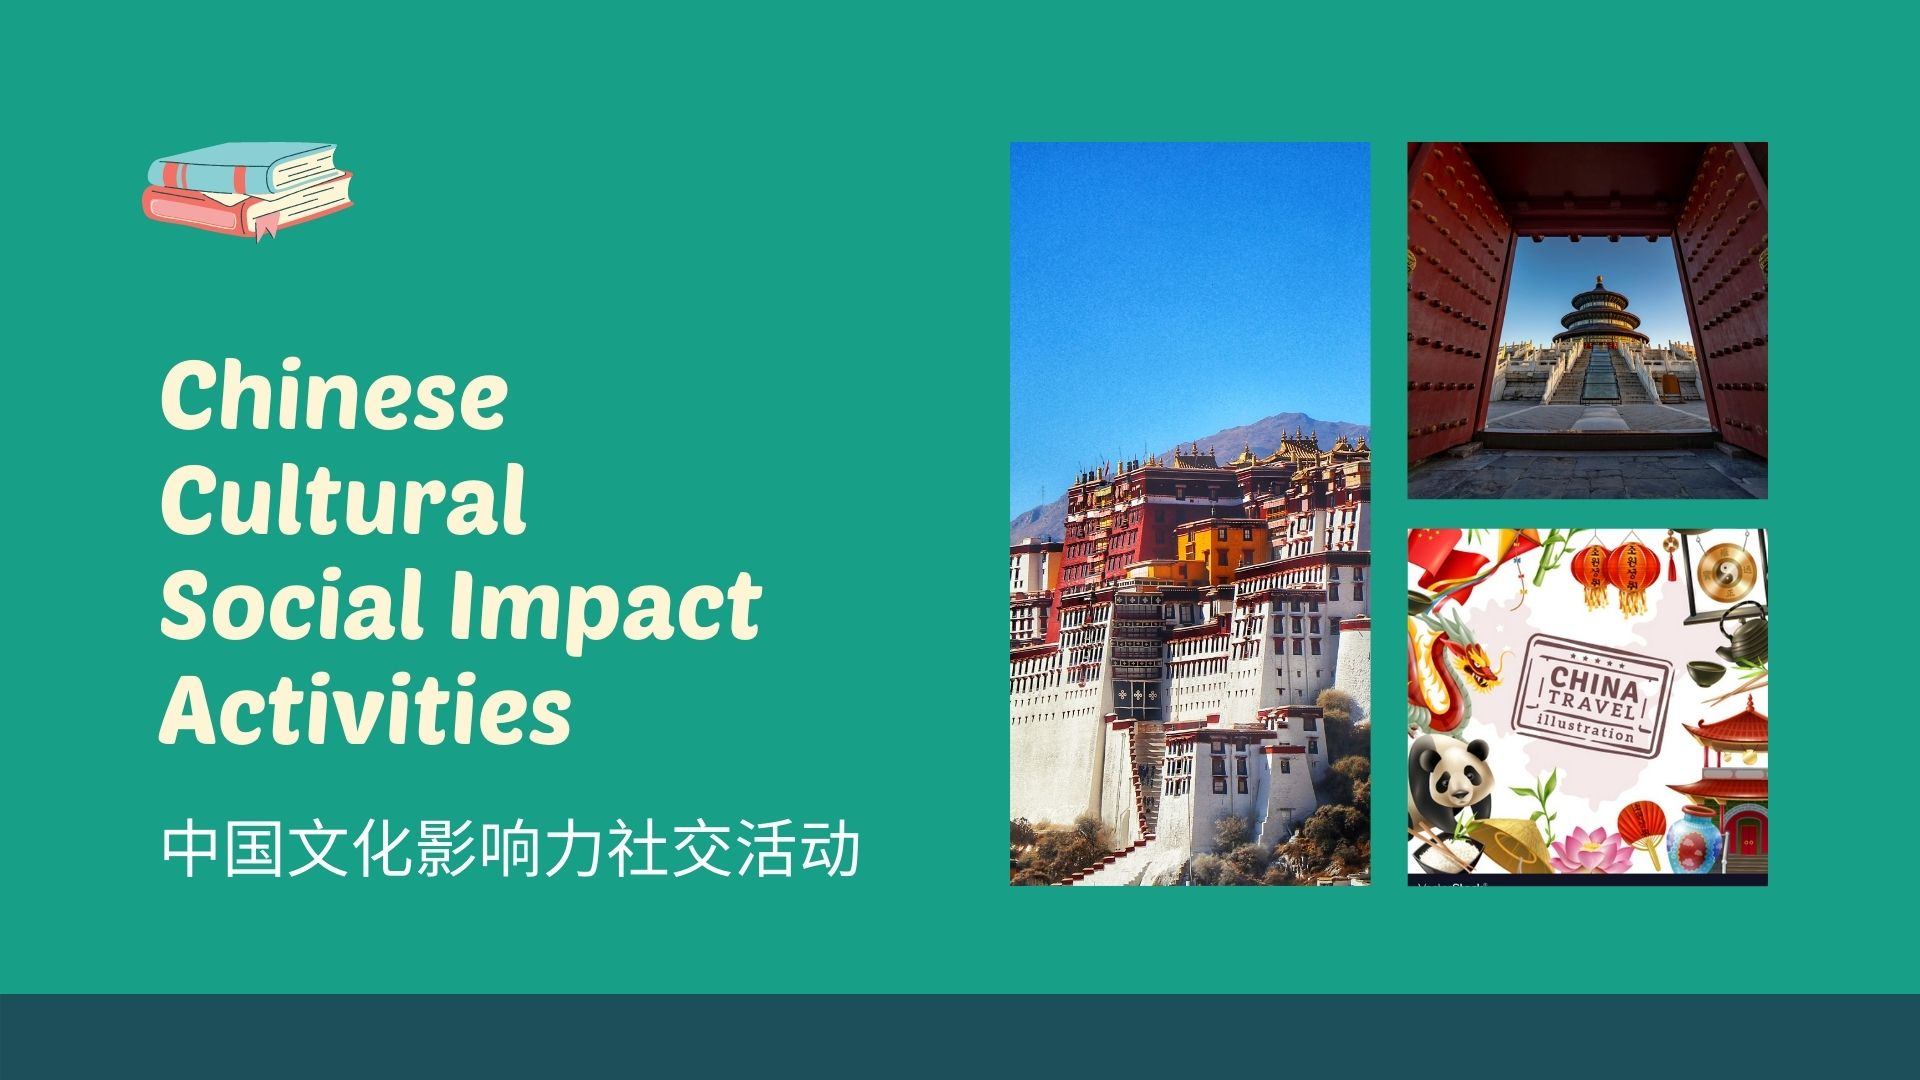 China social impact